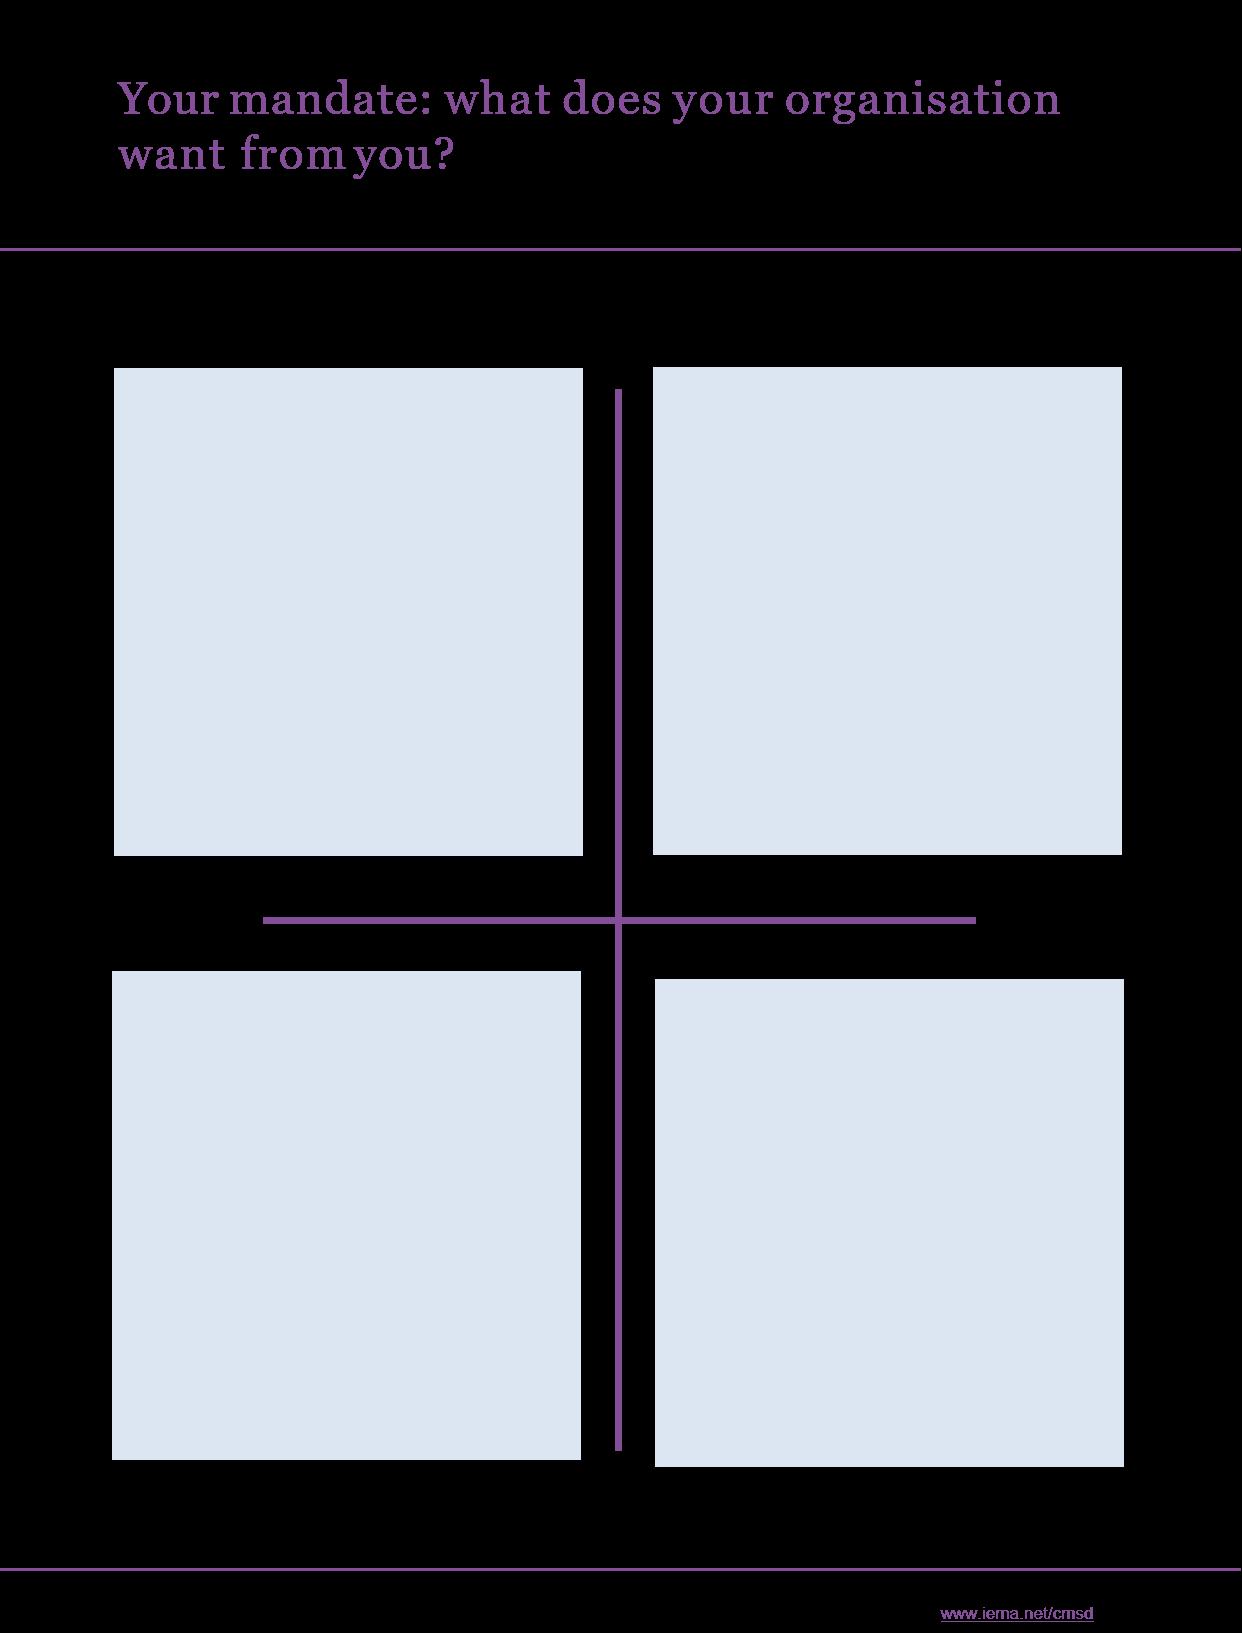 mandate diagram.png